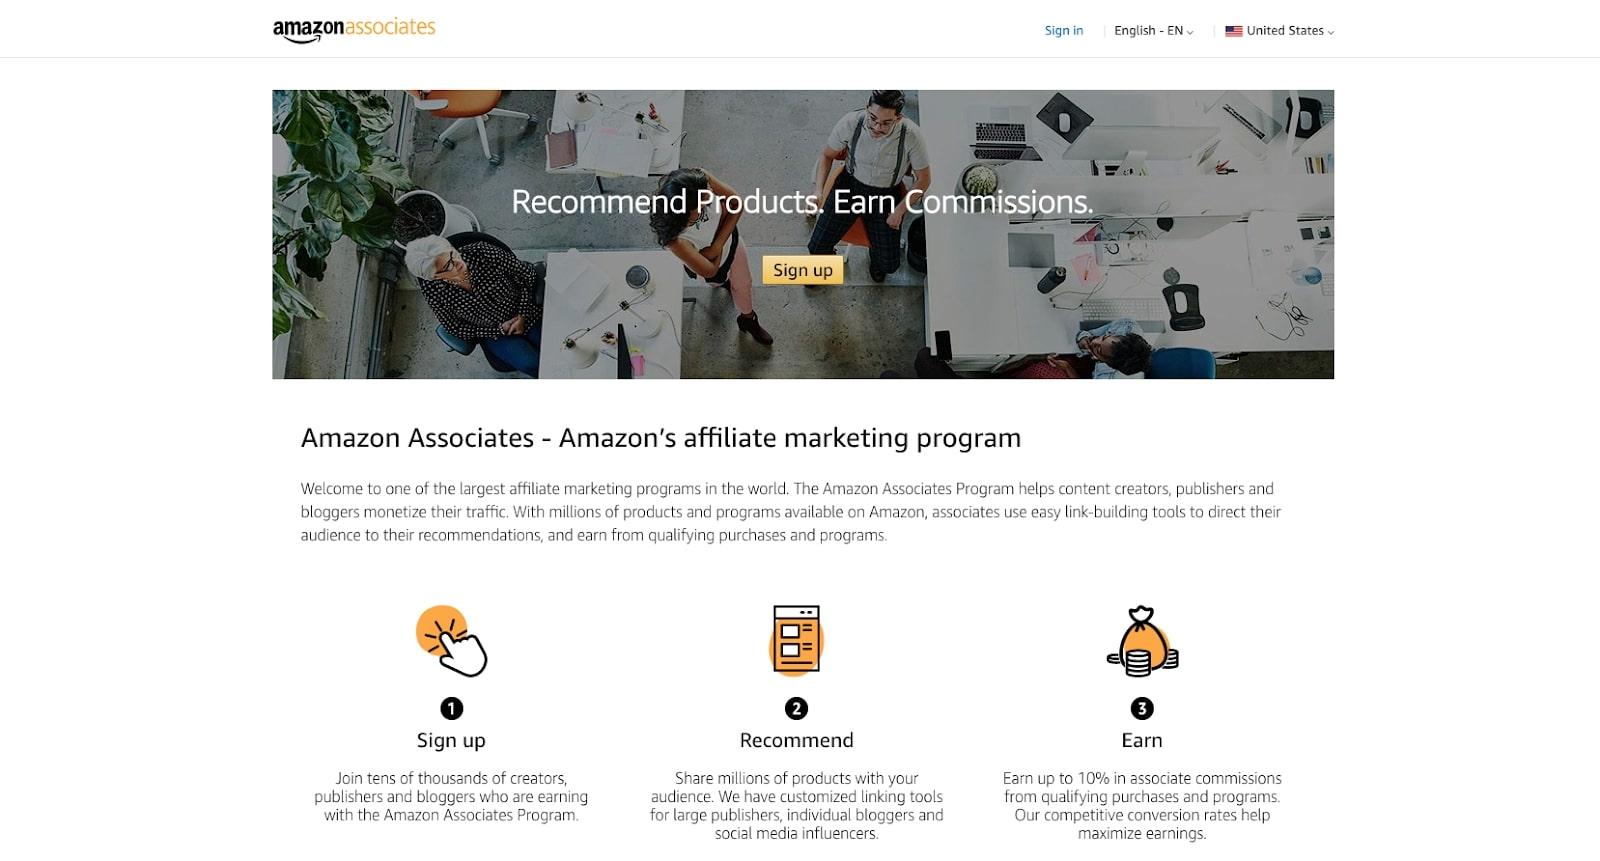 Screenshot of Amazon Associates affiliate program website